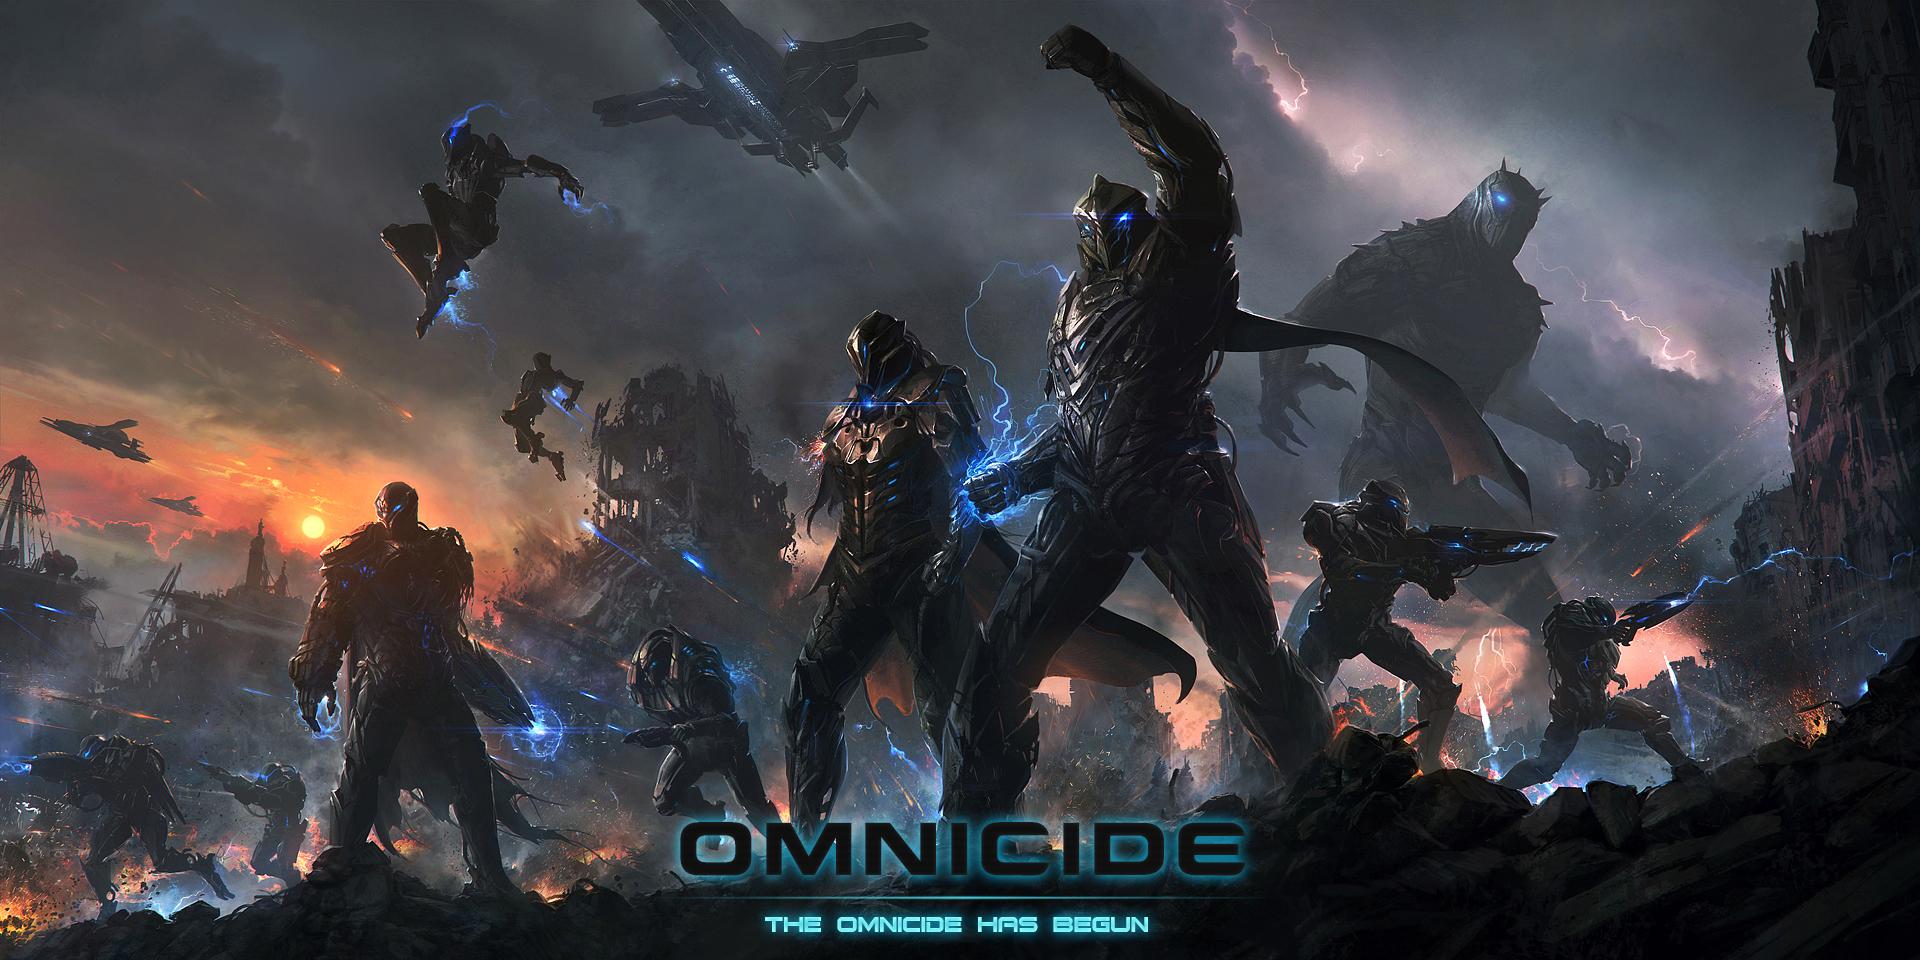 the_omnicide_has_started__omnicide_banne